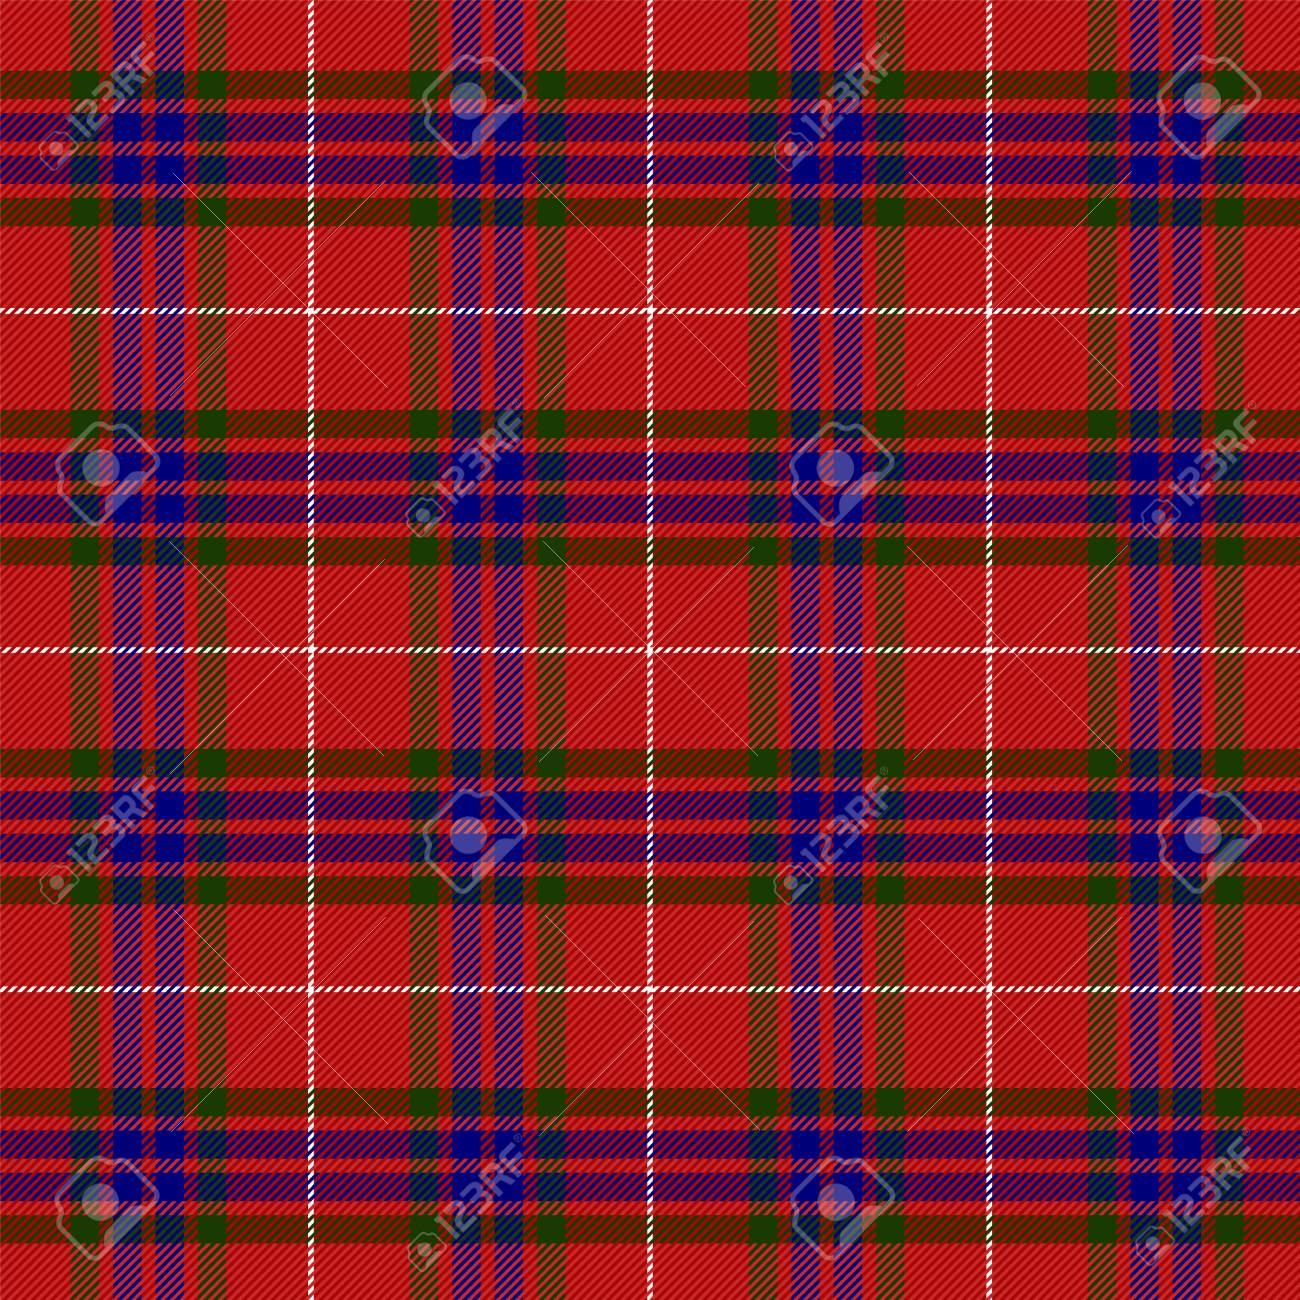 Tartan plaid  Scottish pattern in black, pink and orange cage